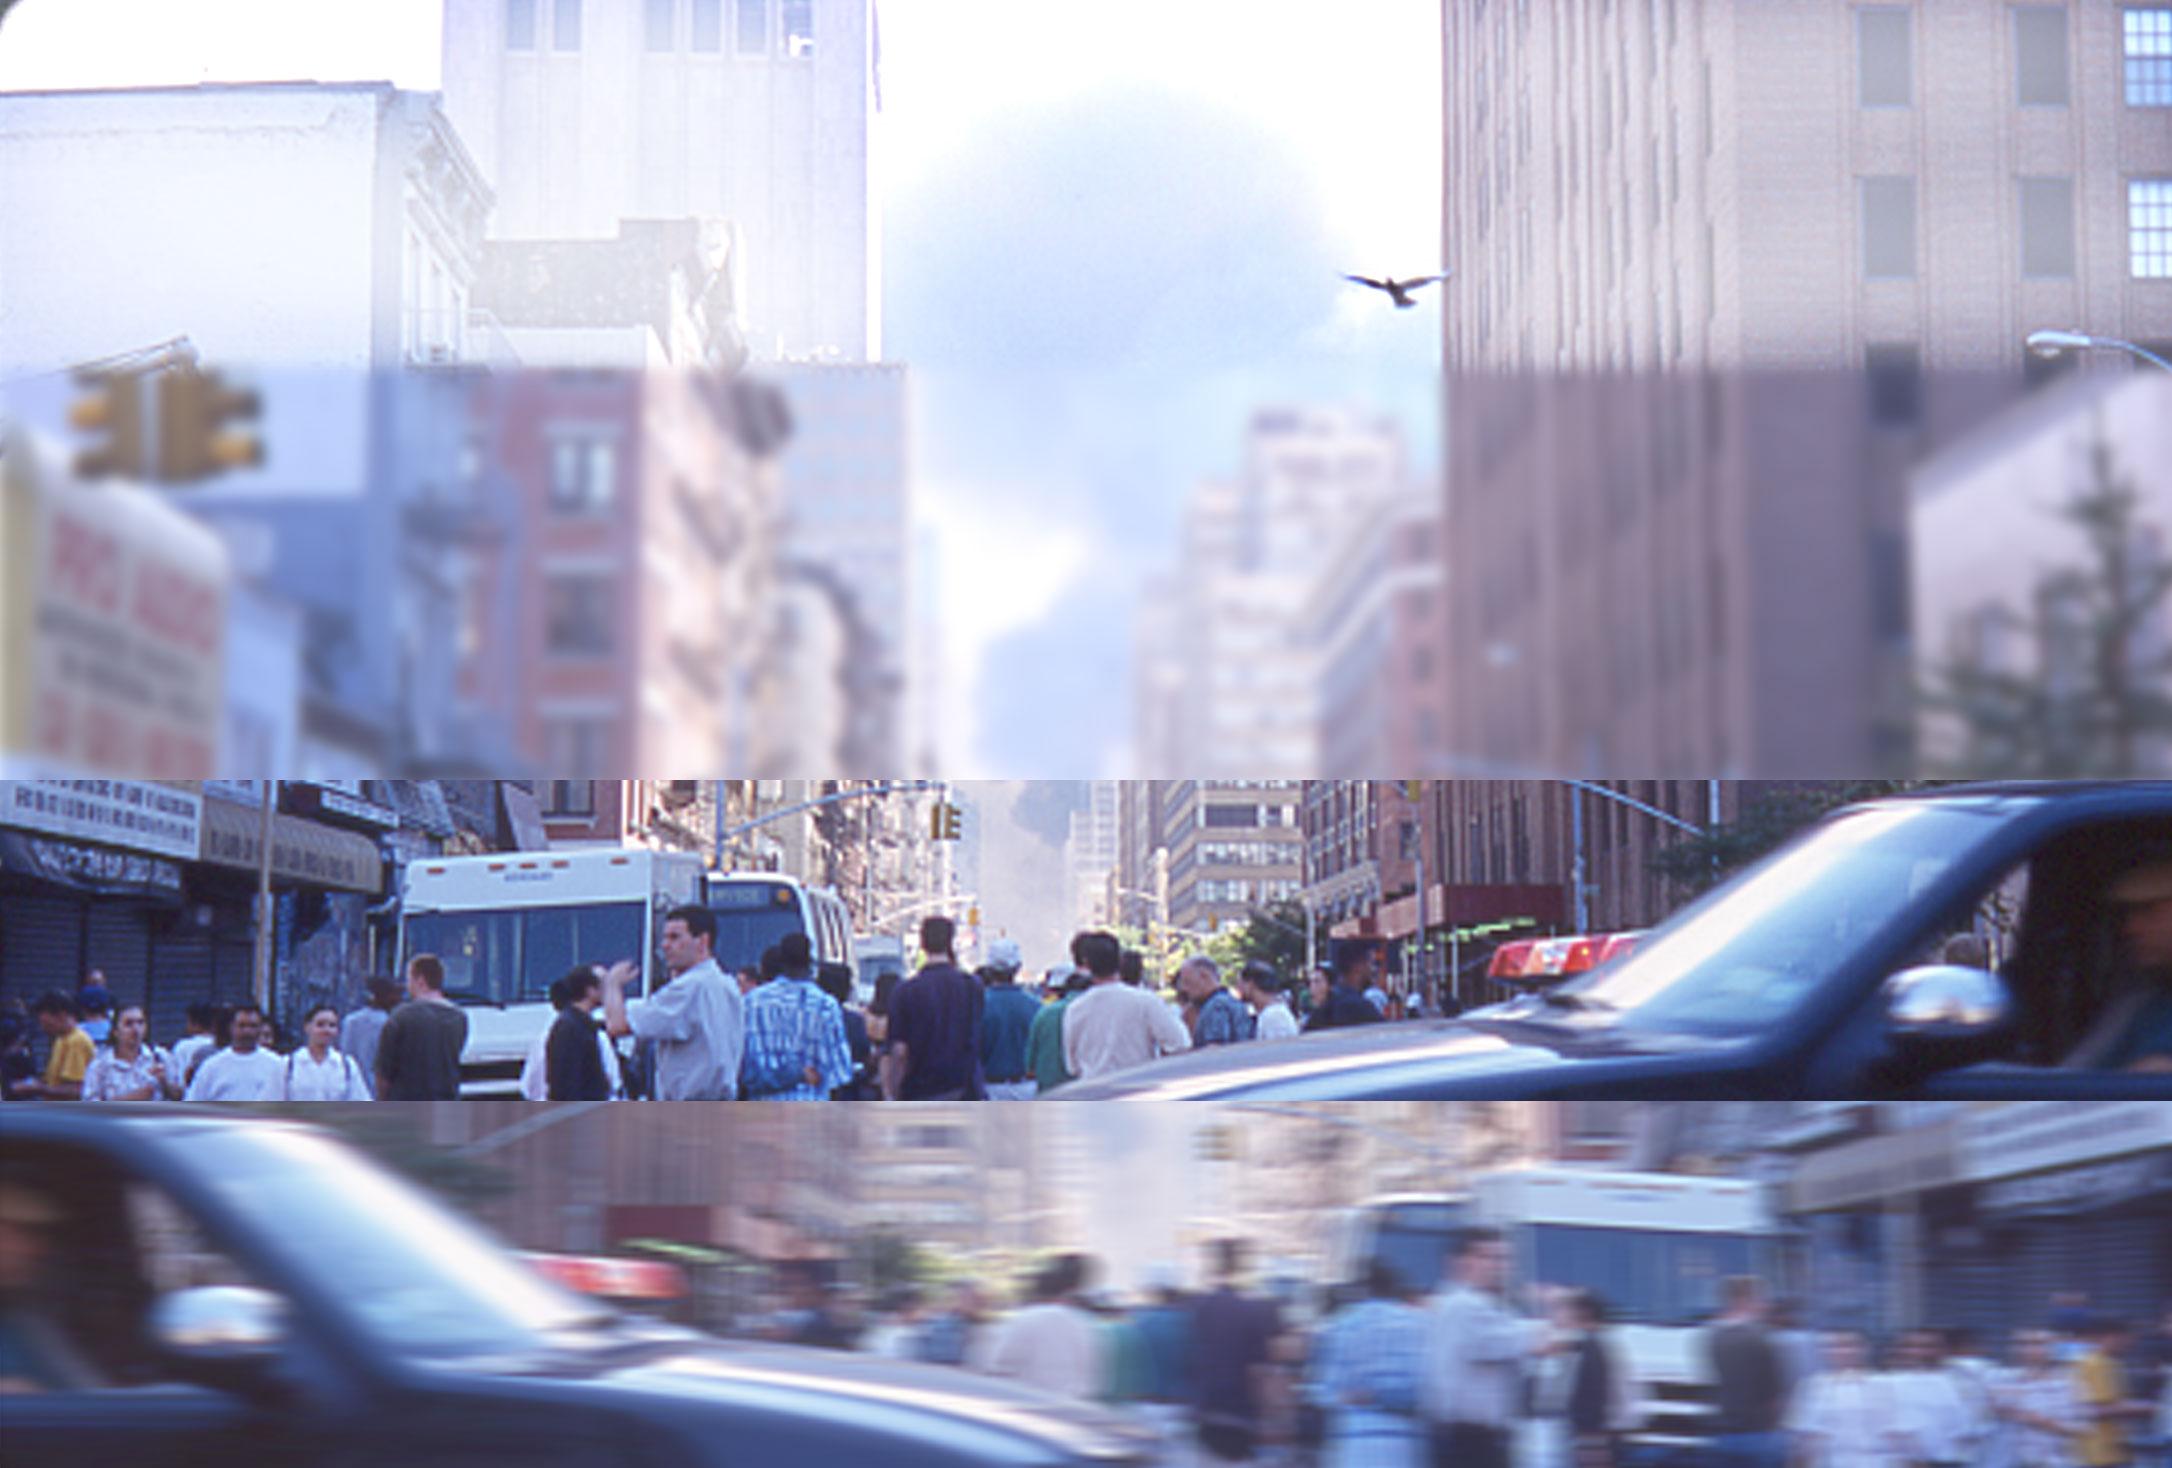 Bird, NYC 9/11